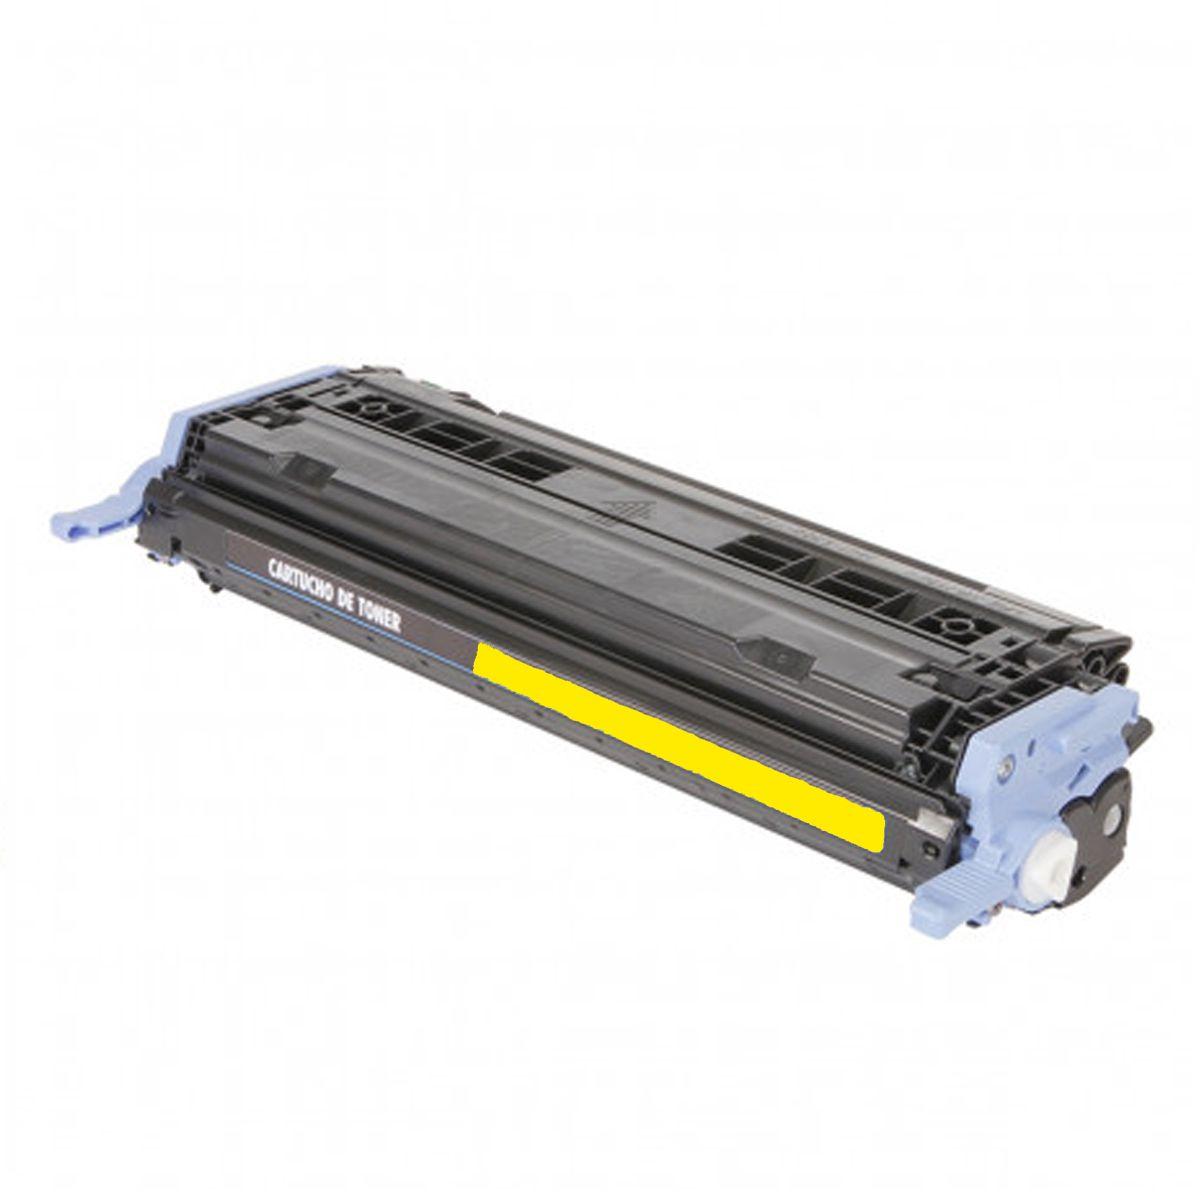 Toner Compativel com HP Q6002A 6002 - 2600N 2600 2605 CM1015 CM1017 - Amarelo 2K